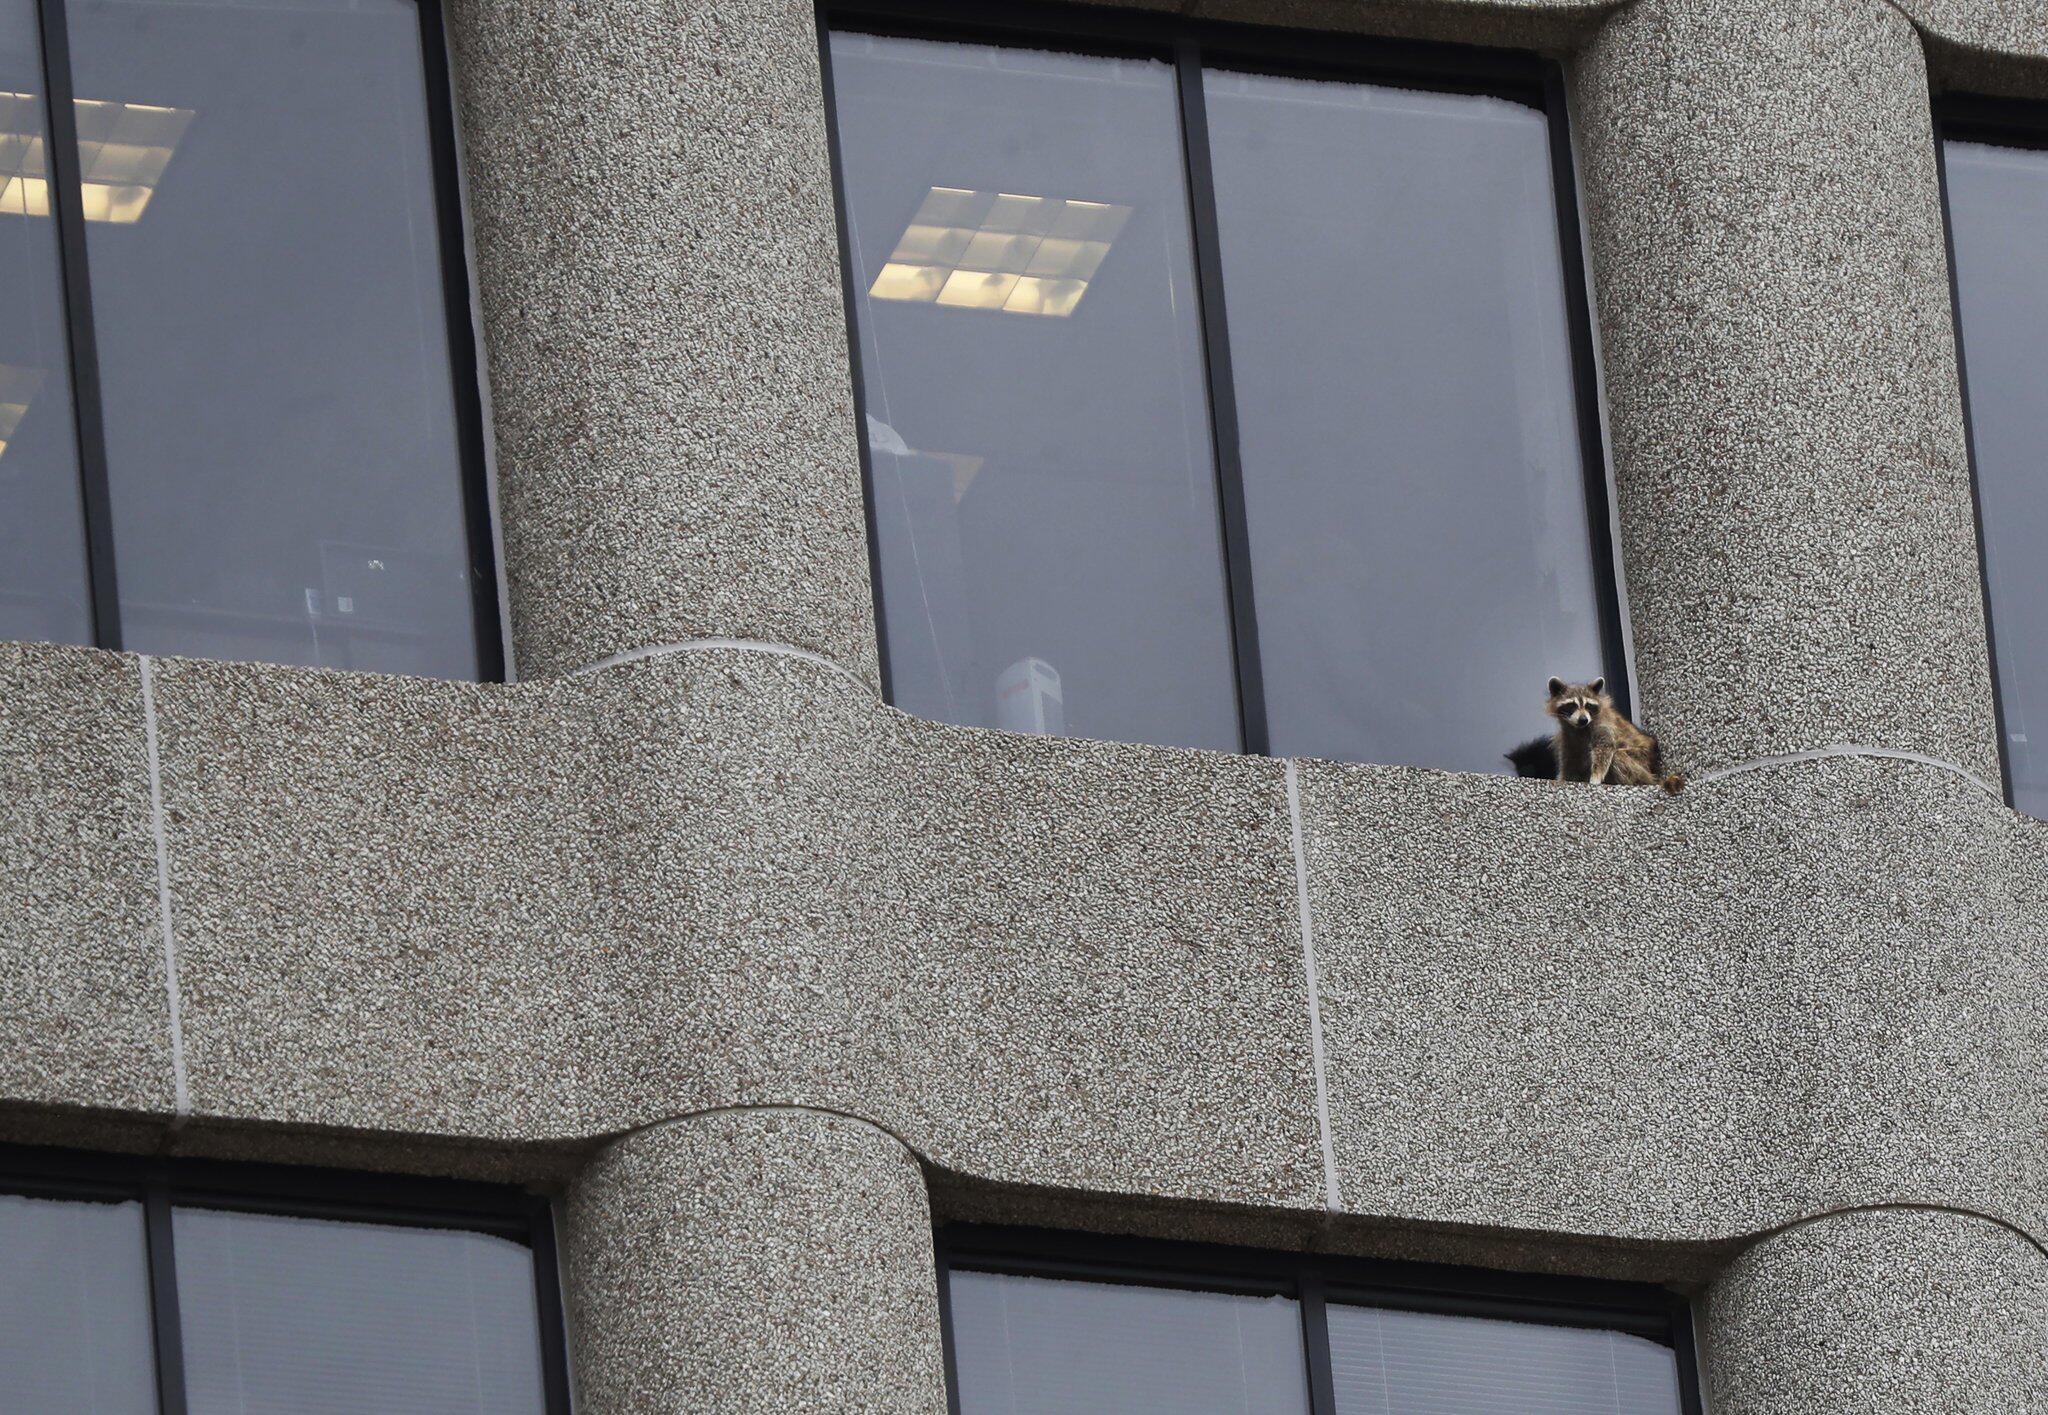 faf4d1b694862e Waschbär klettert 23 Stockwerke an Büroturm auf und ab